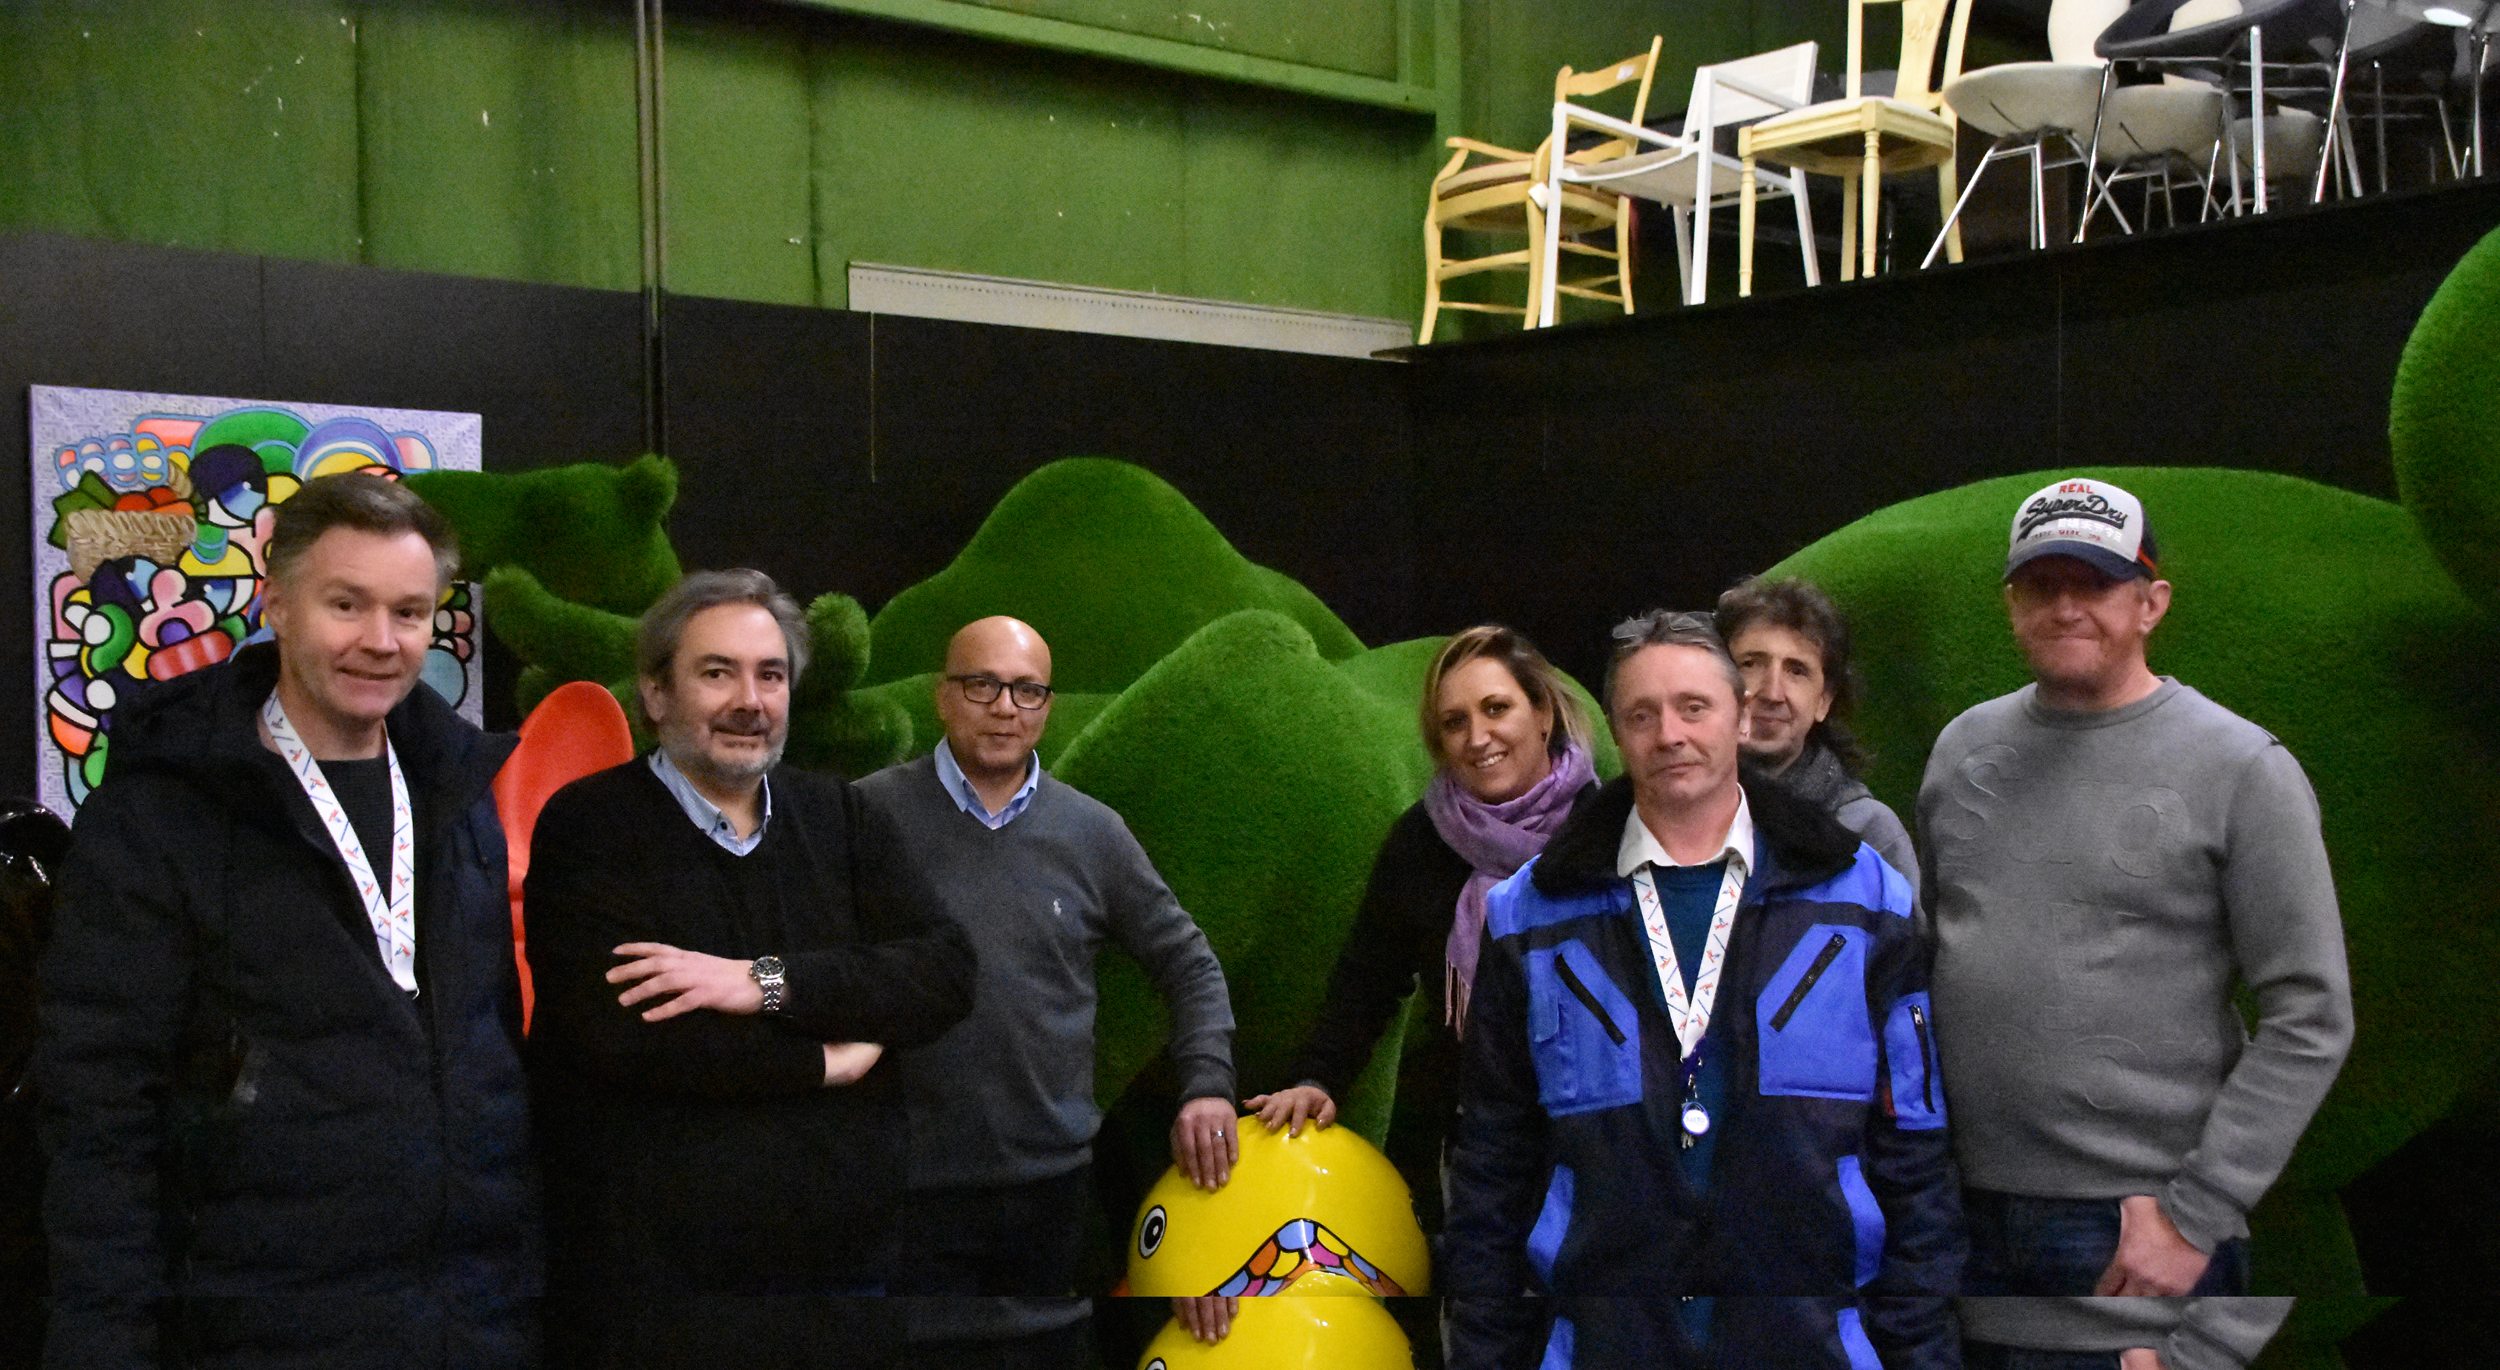 Luxtex offers 400 winter jackets to the Stëmm vun der Strooss